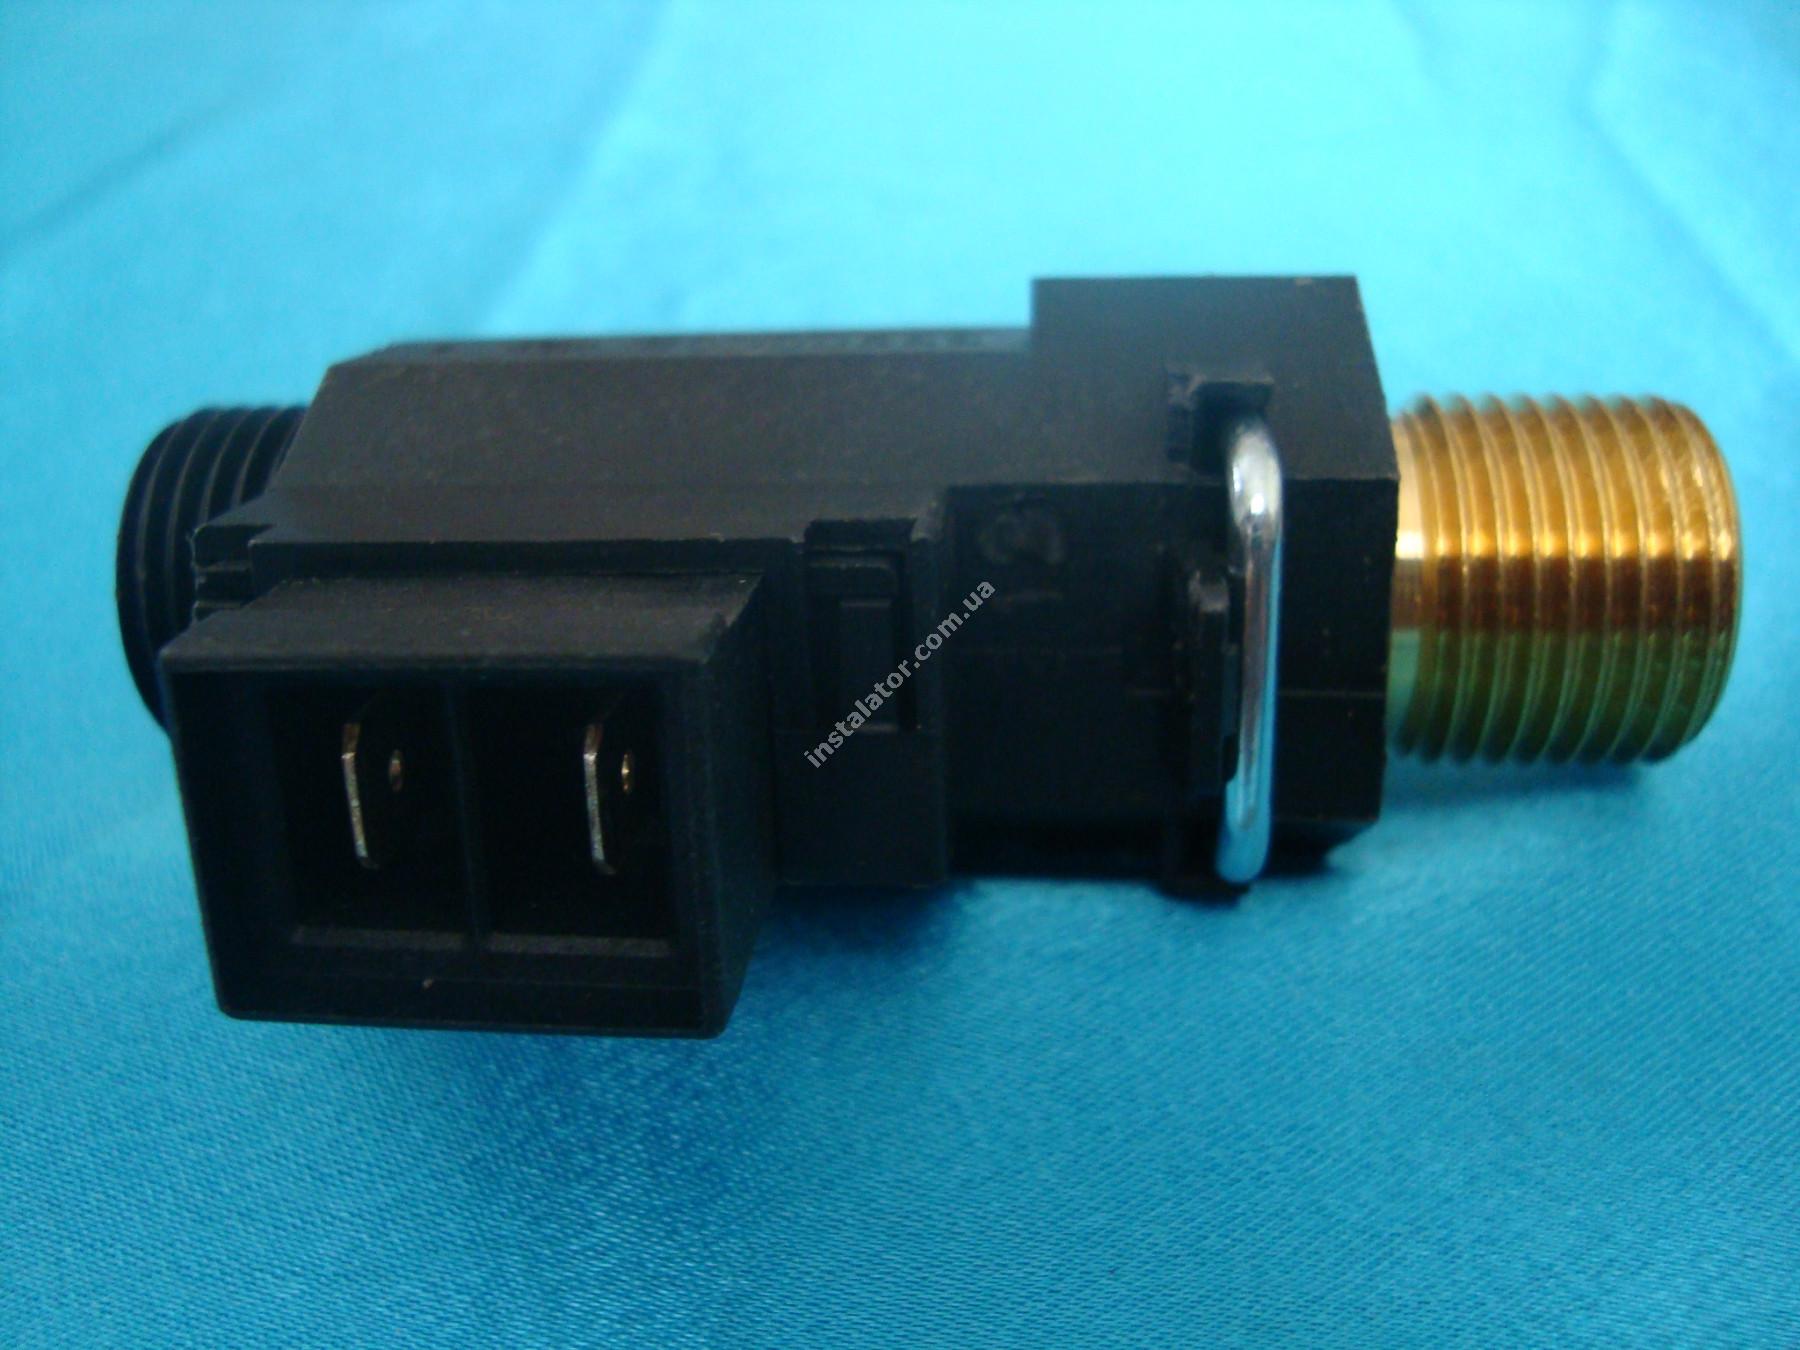 5663770 Реле (датчик) протока BAXI MAIN з підпиткою та заглушкою Bitron full-image-2